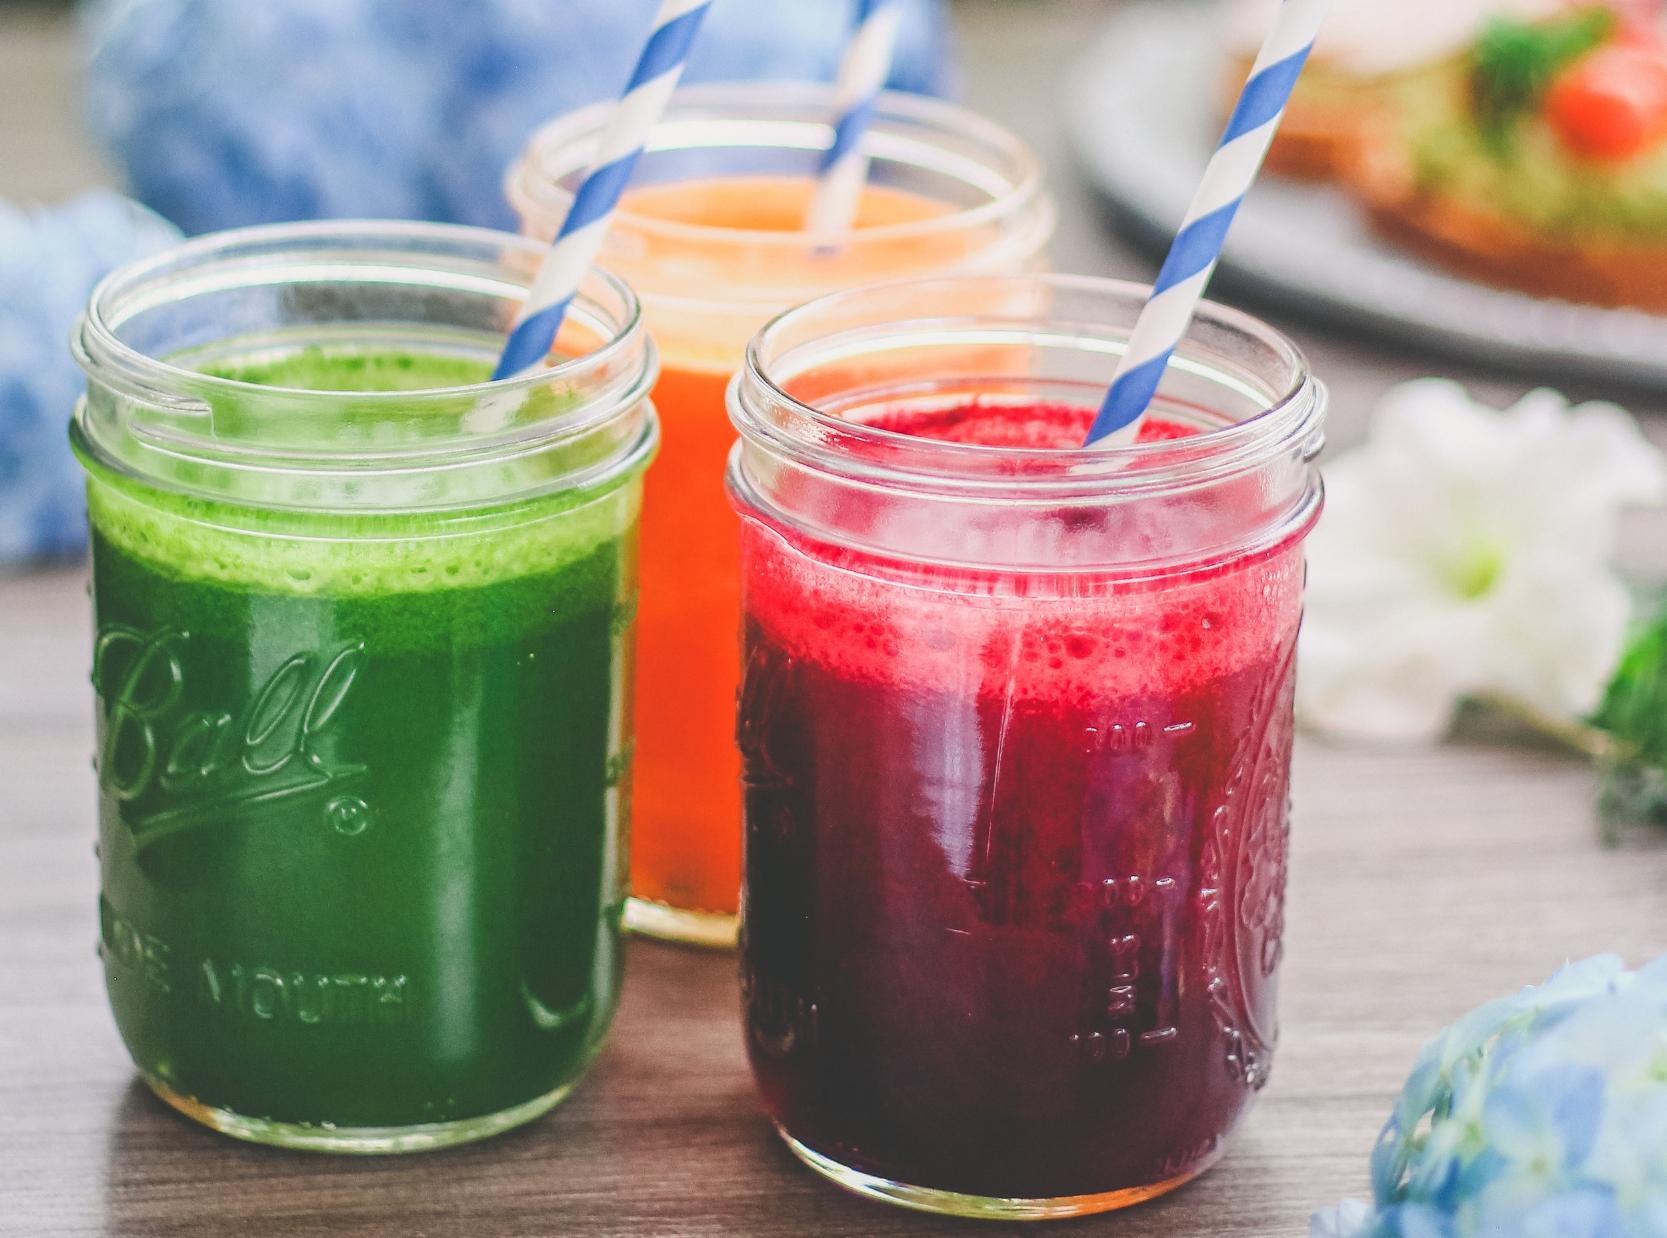 Extractos de verduras + frutas